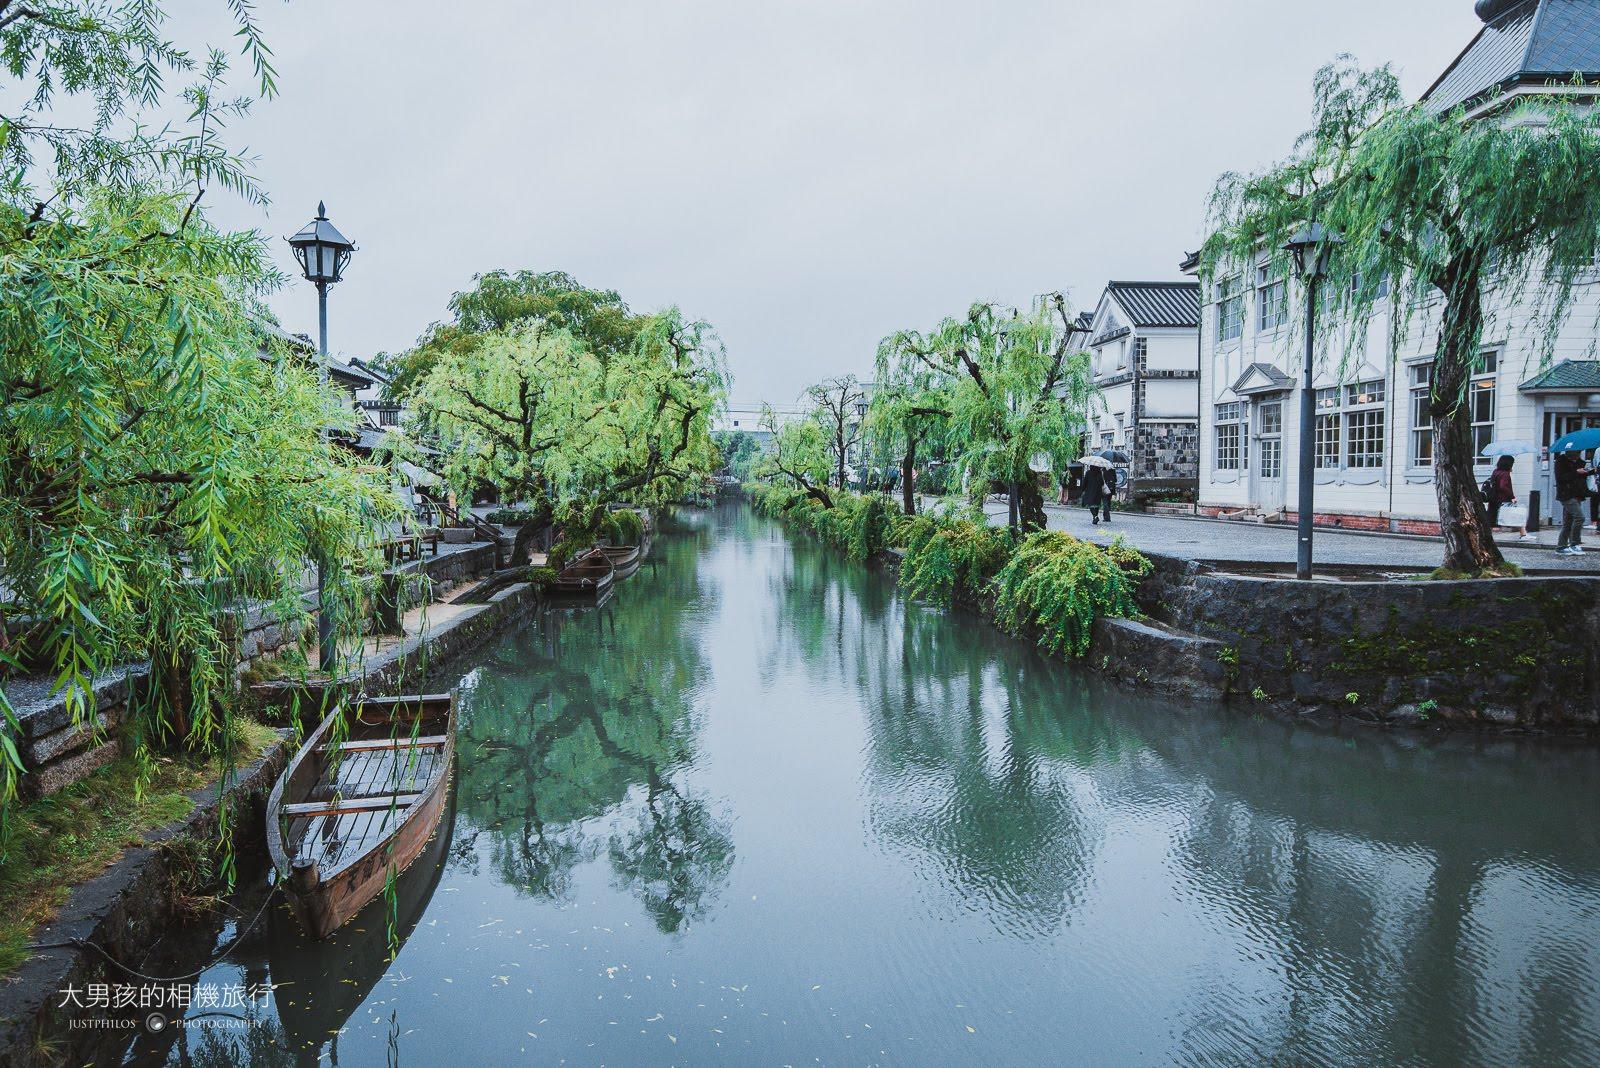 倉敷美觀地區以倉敷川兩側的白璧建築為主體,與倉敷川本身形成倉敷美觀地區最美麗的景色。